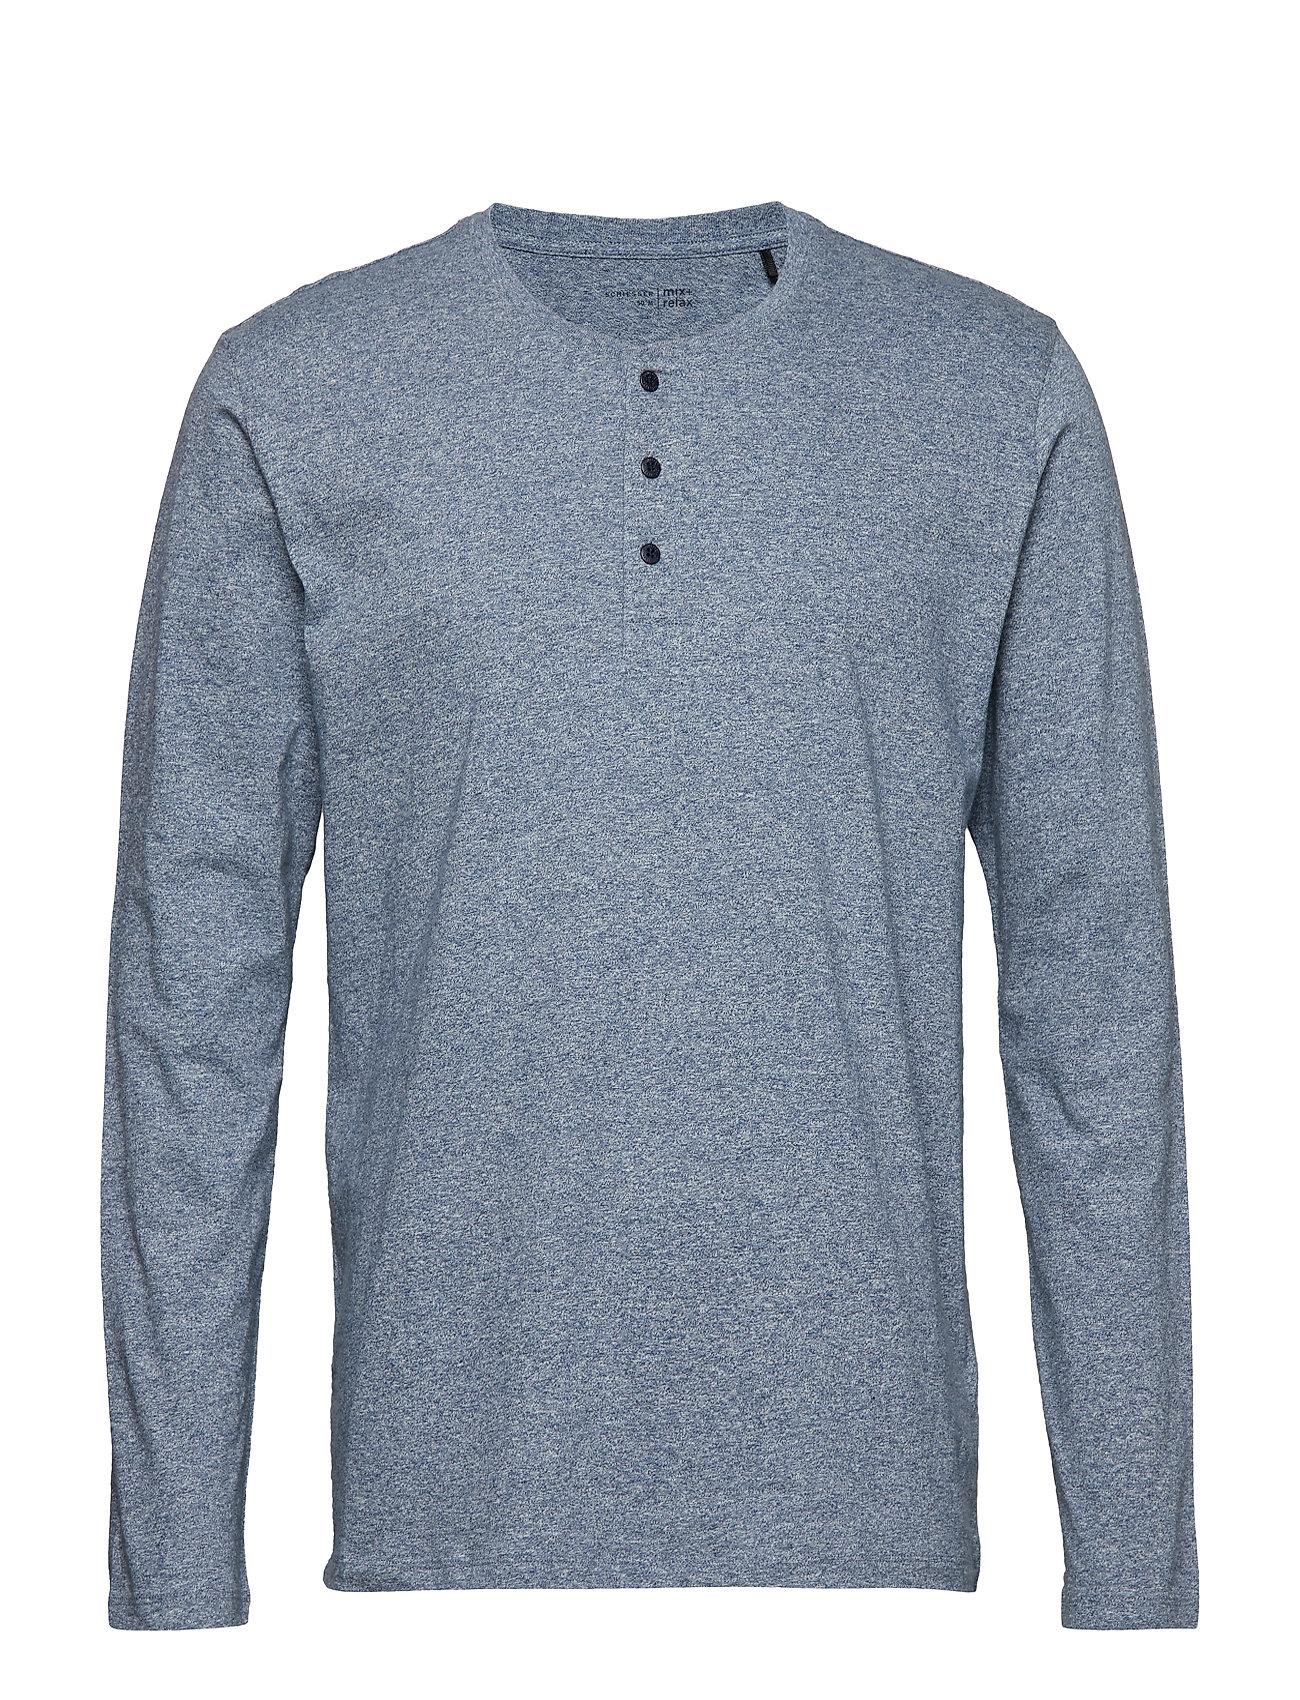 Schiesser Shirt 1/1 - DARKBLUE MEL.